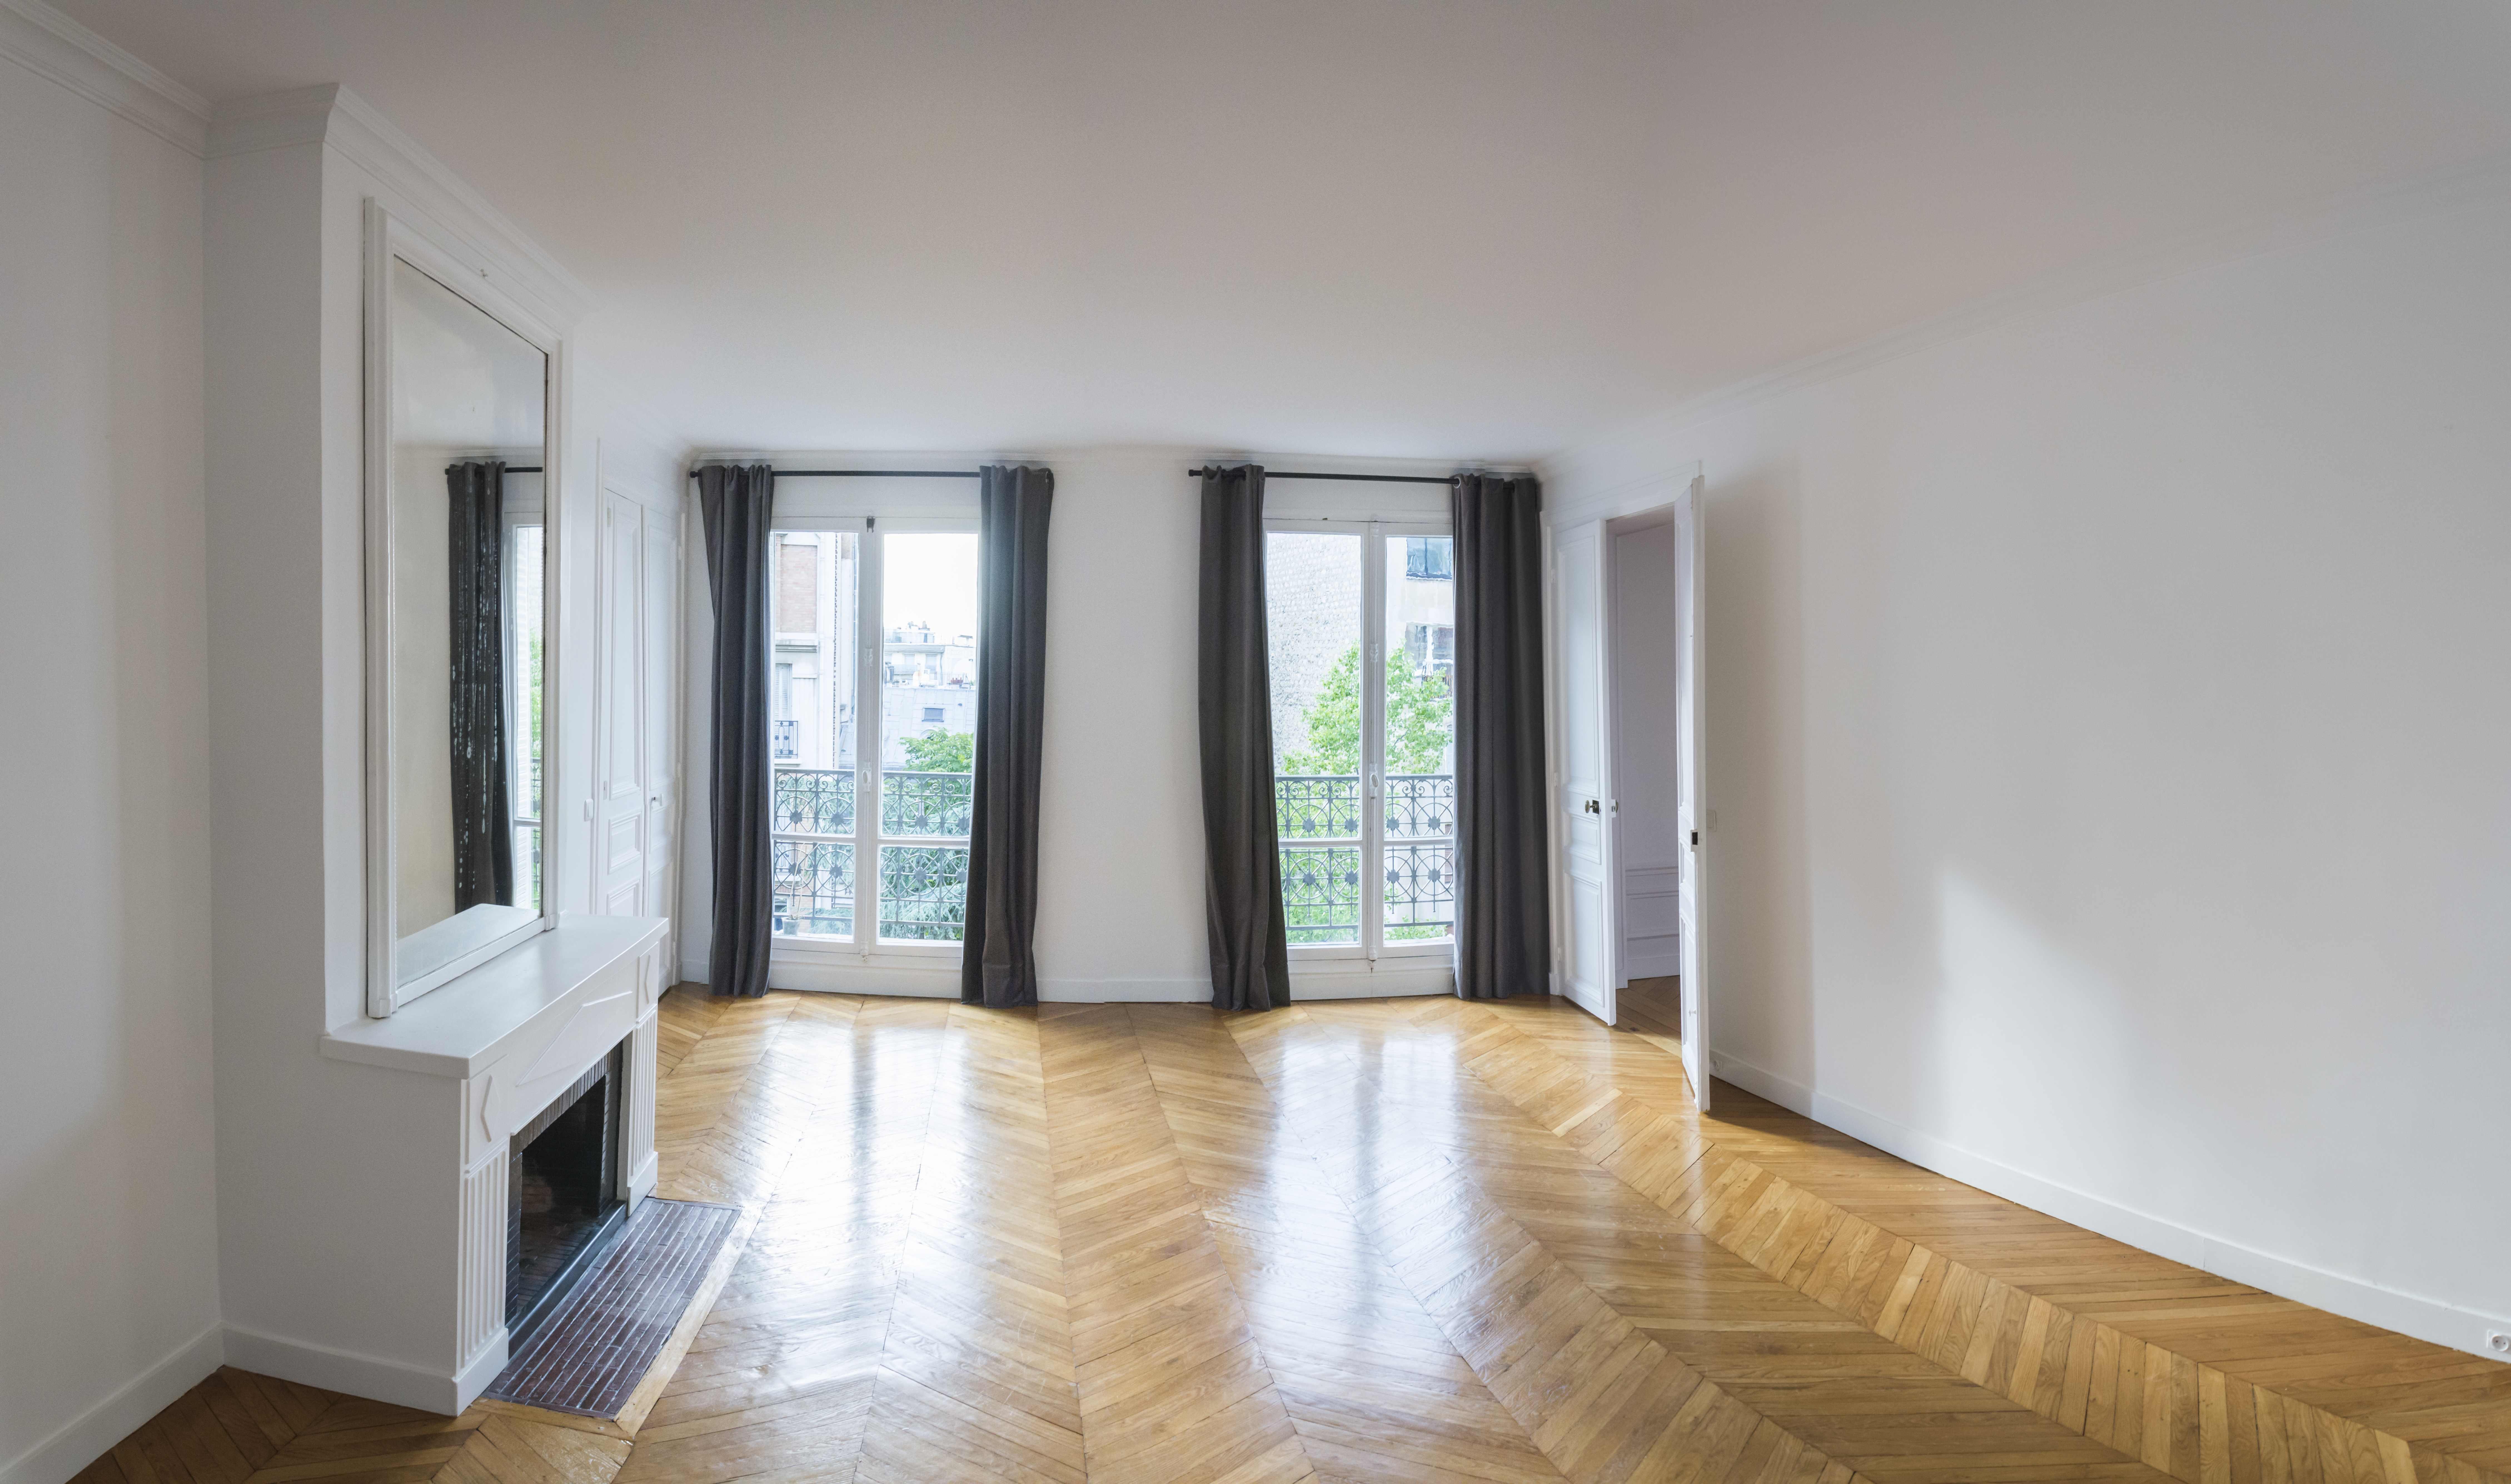 Bel appartement à louer,  PARIS XVI, 3 chambres, étage élevé, vis à vis dégagé